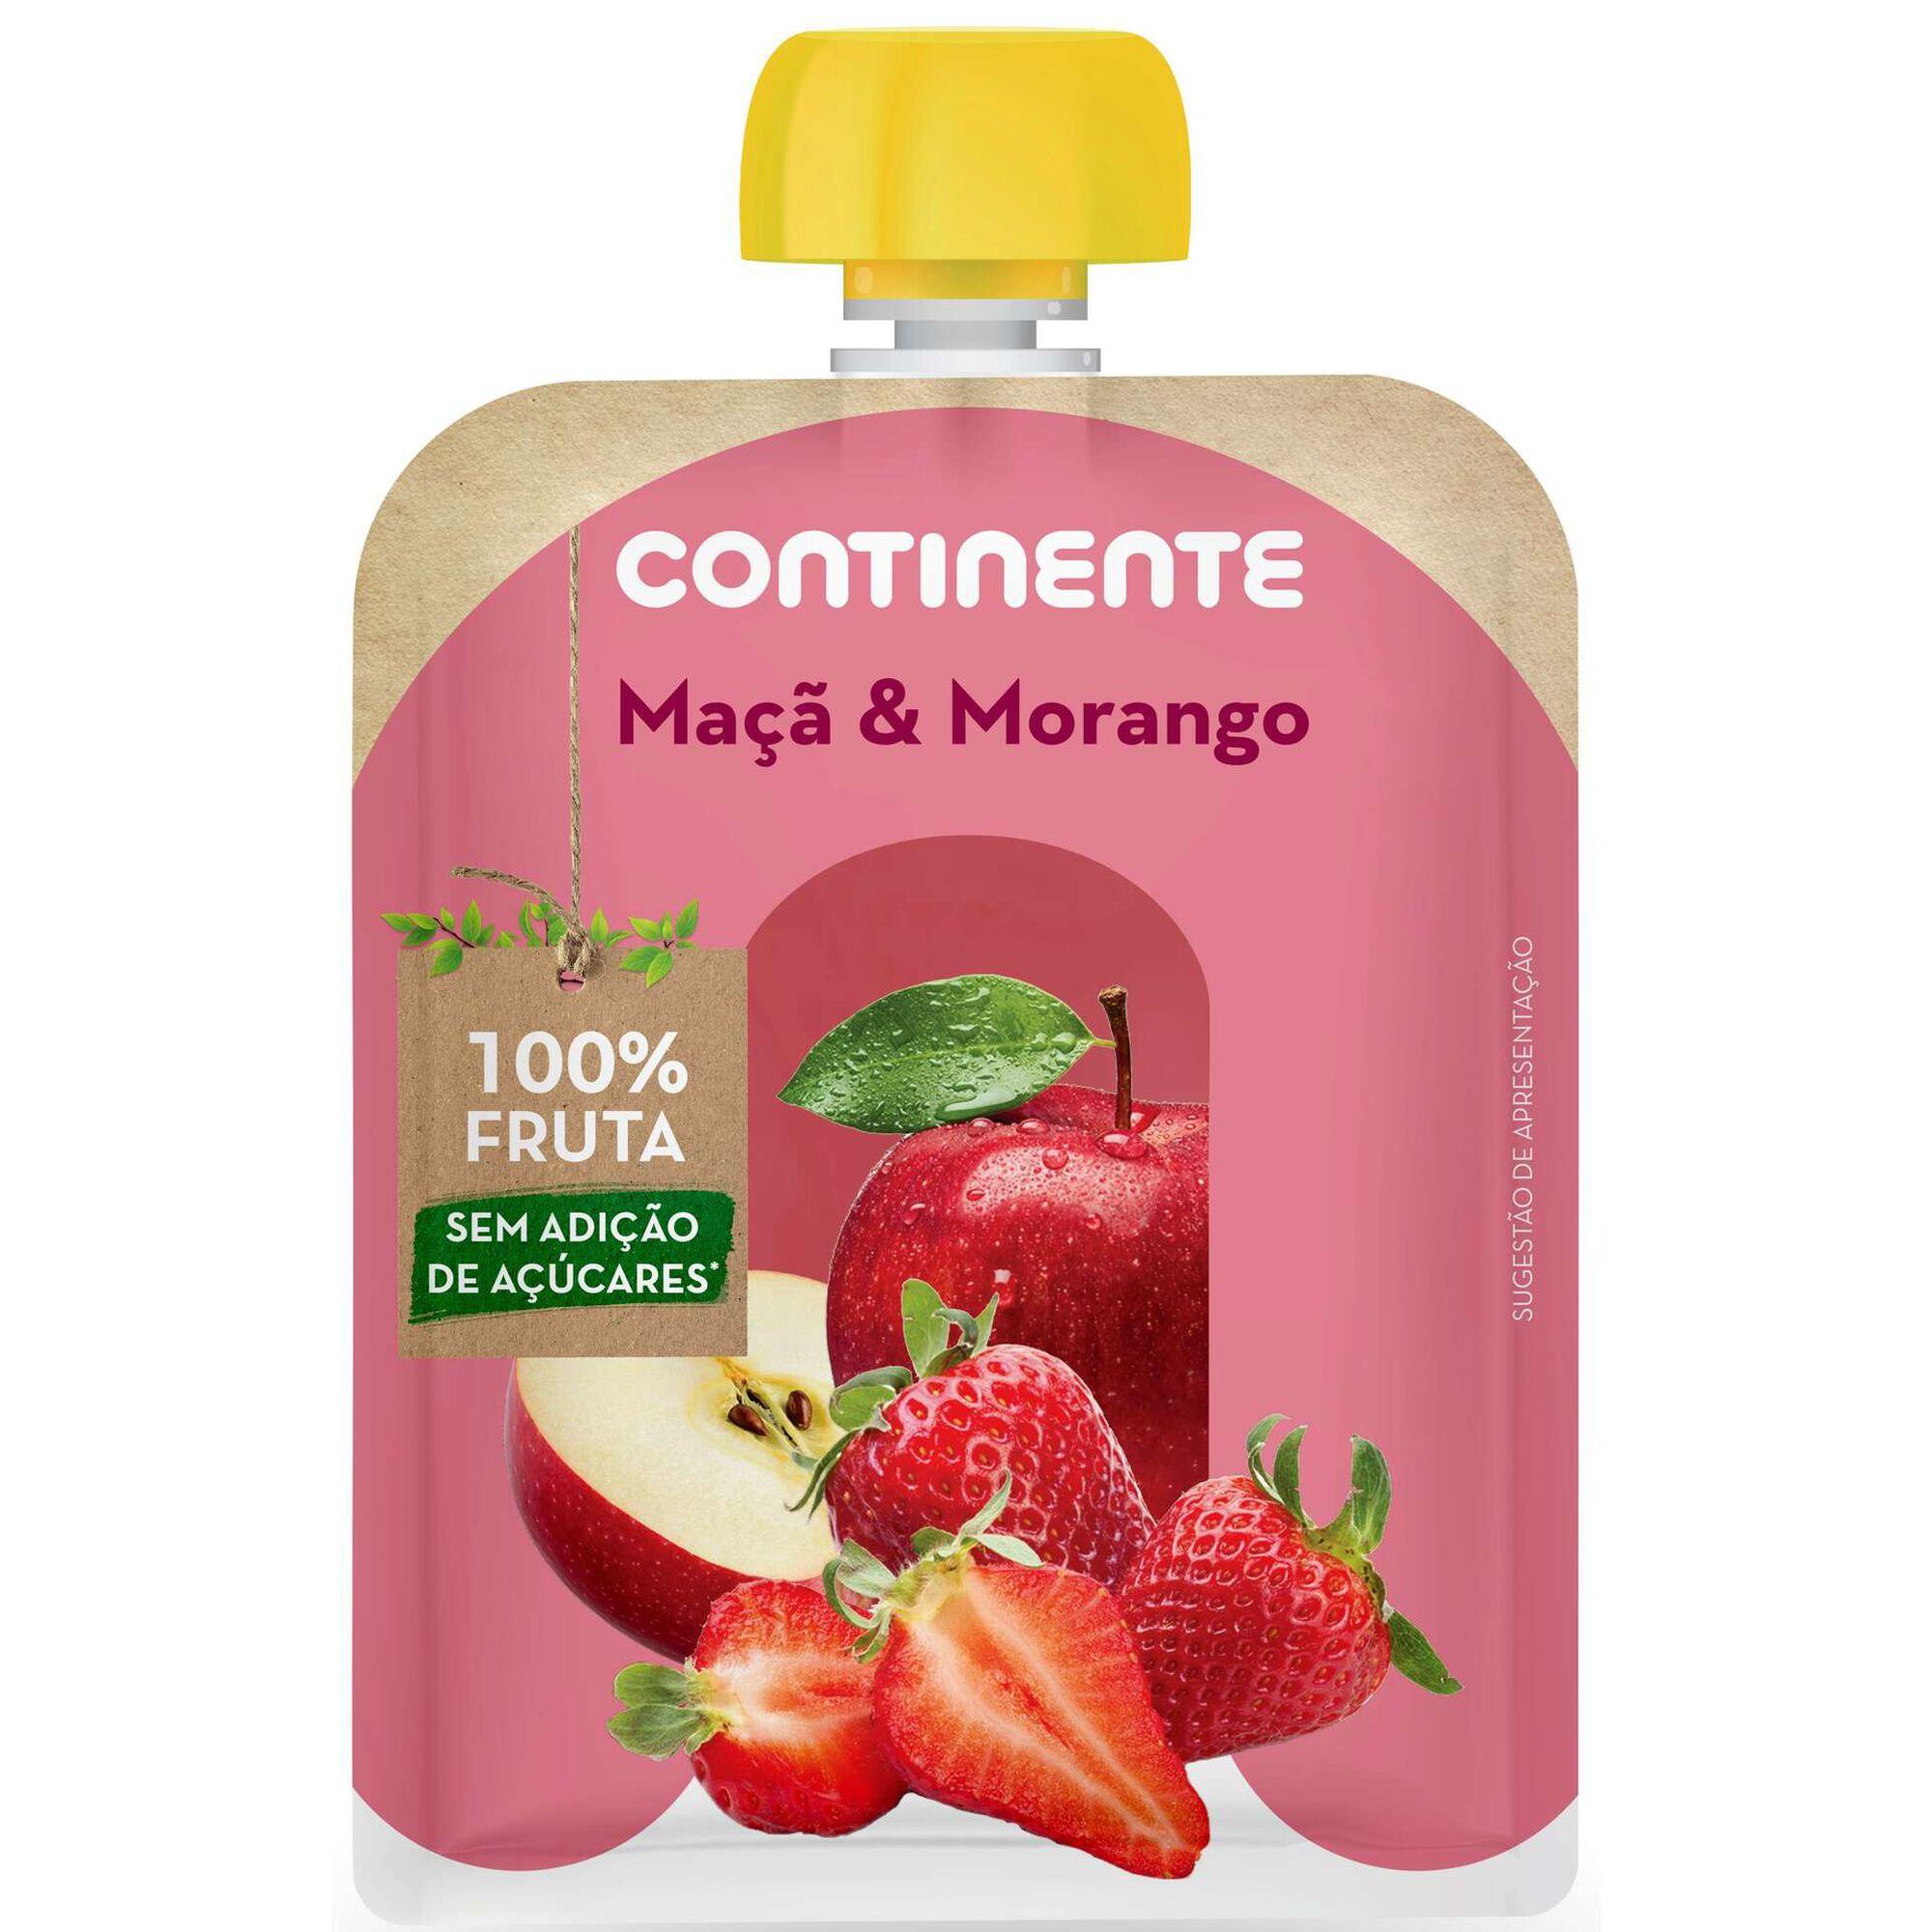 Saqueta de Fruta Maçã e Morango